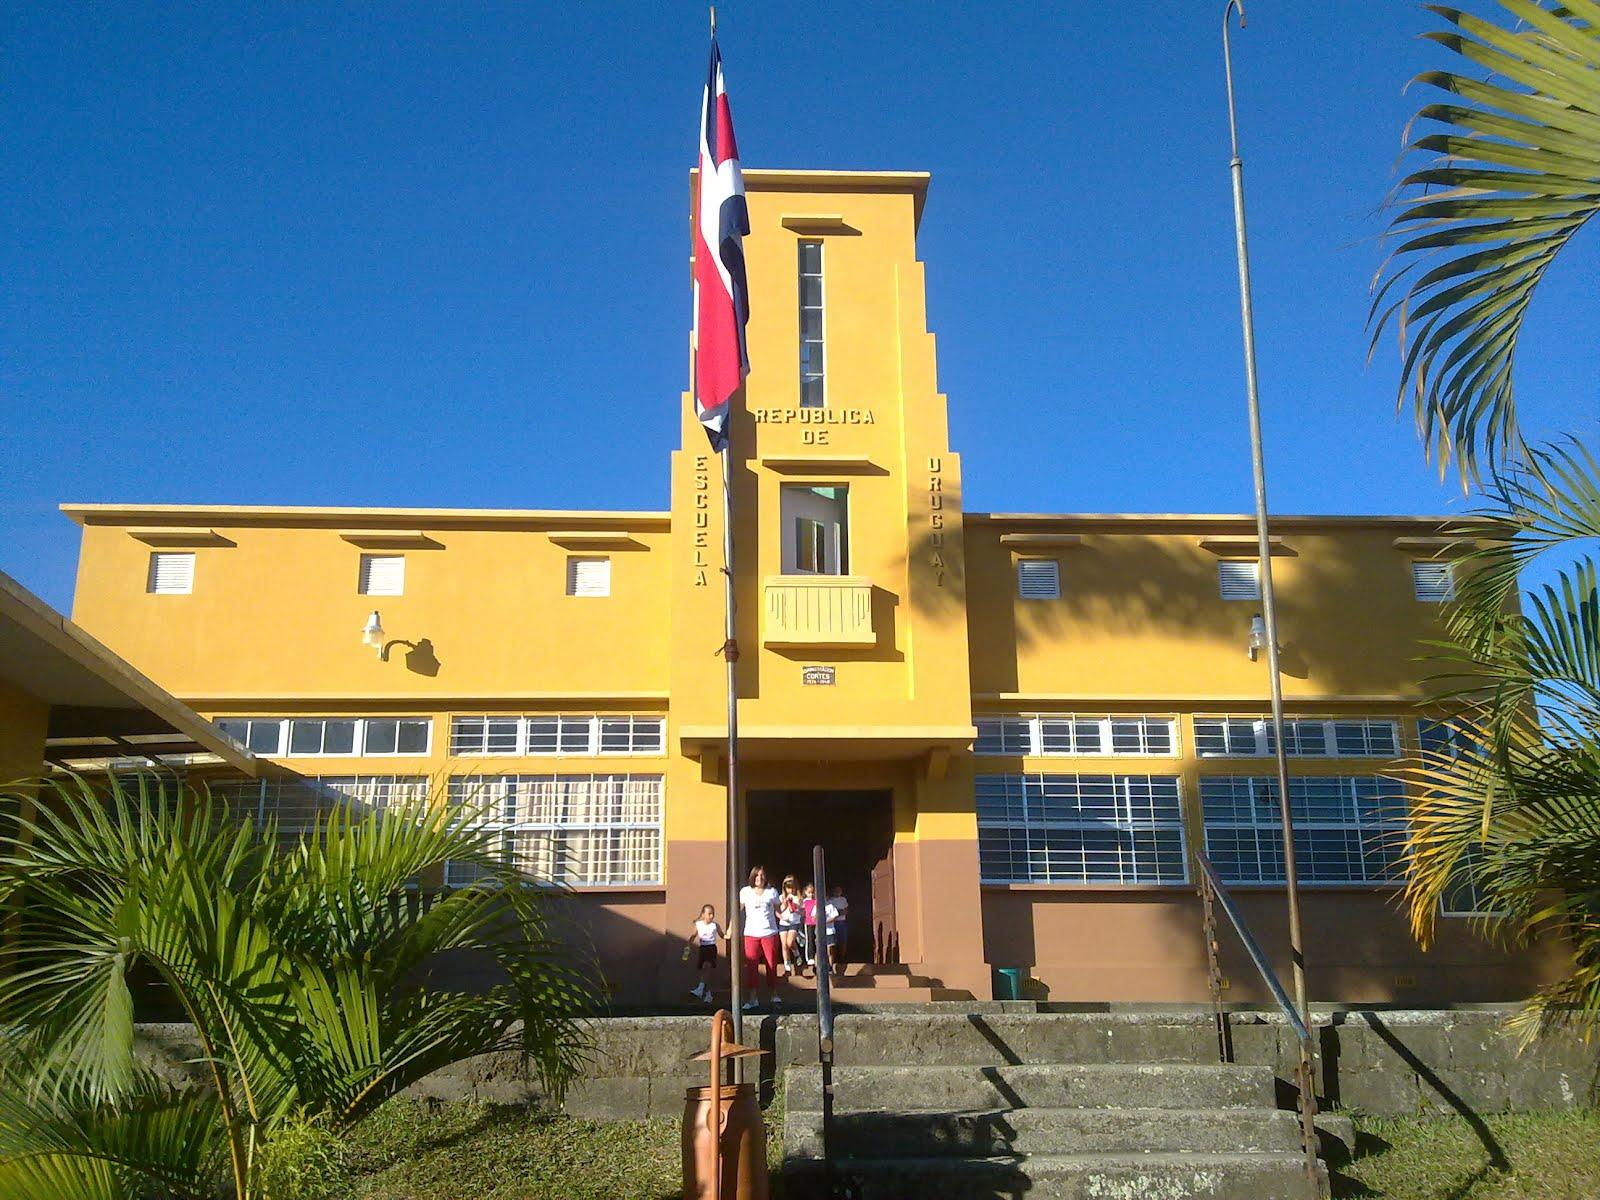 Historia de Escuela República de Uruguay